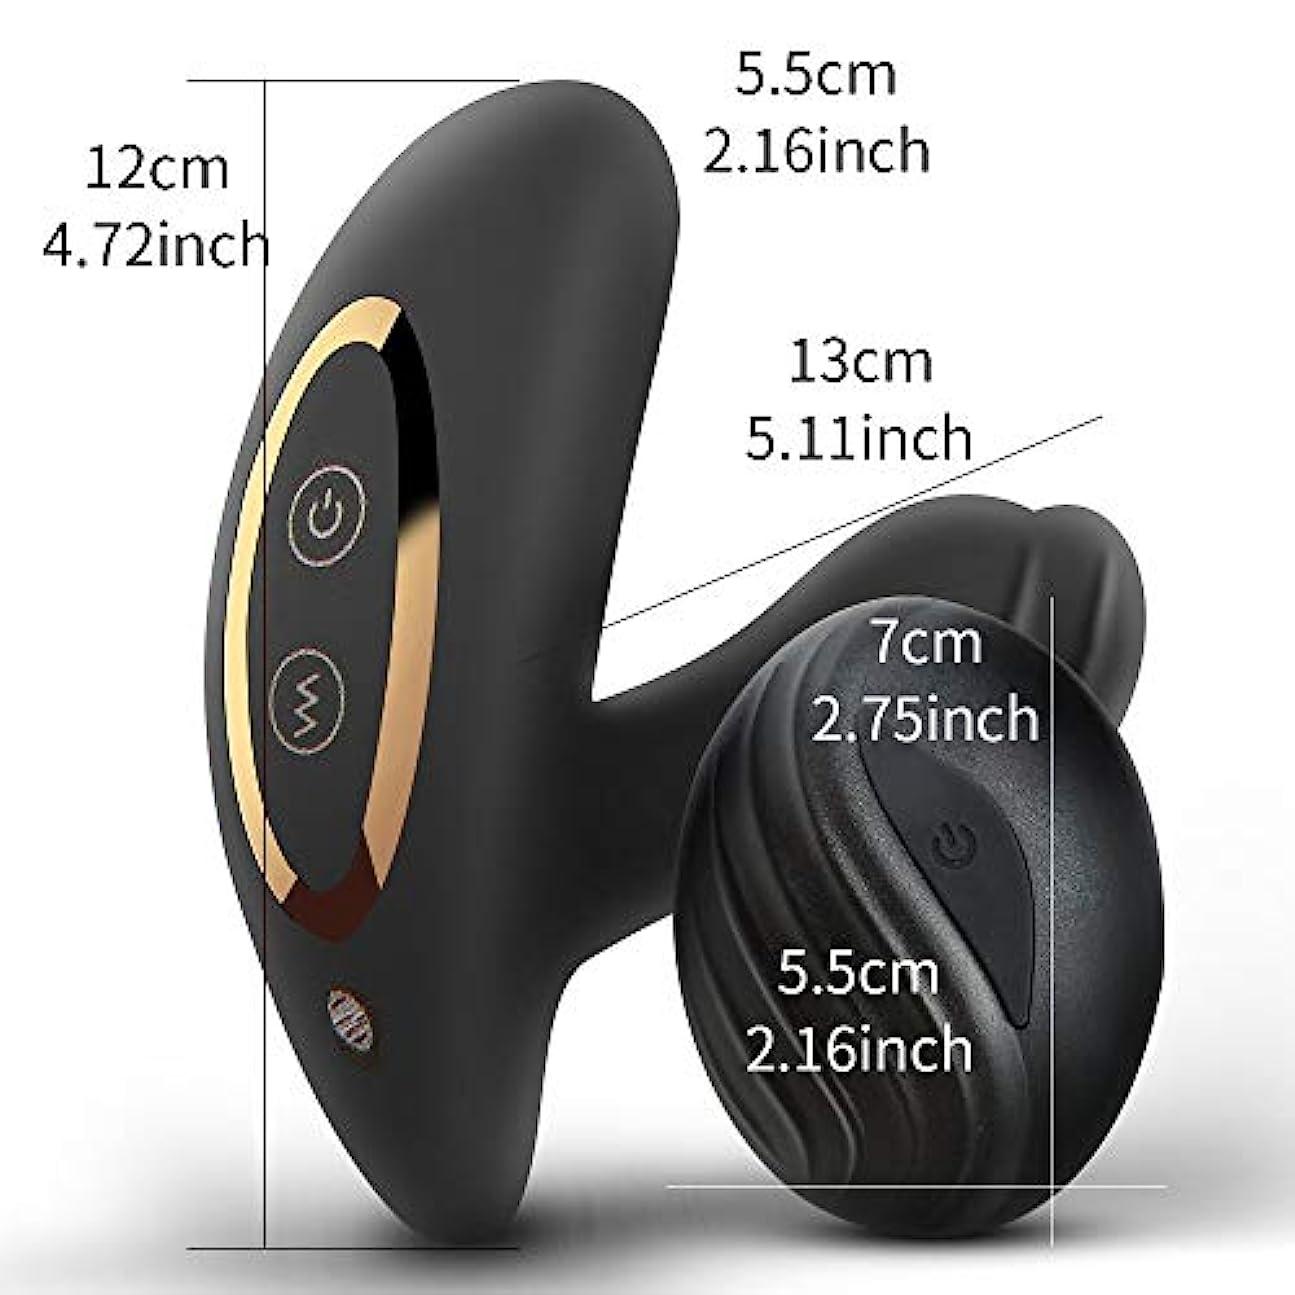 地平線にんじんうるさいXpHealth 充電式マッサージ用リラクゼーションマッサージ装置玩具男性初心者メッセージメッセンジャー振動速度とパターン振動ワイヤレスワイヤレスリモコン付き